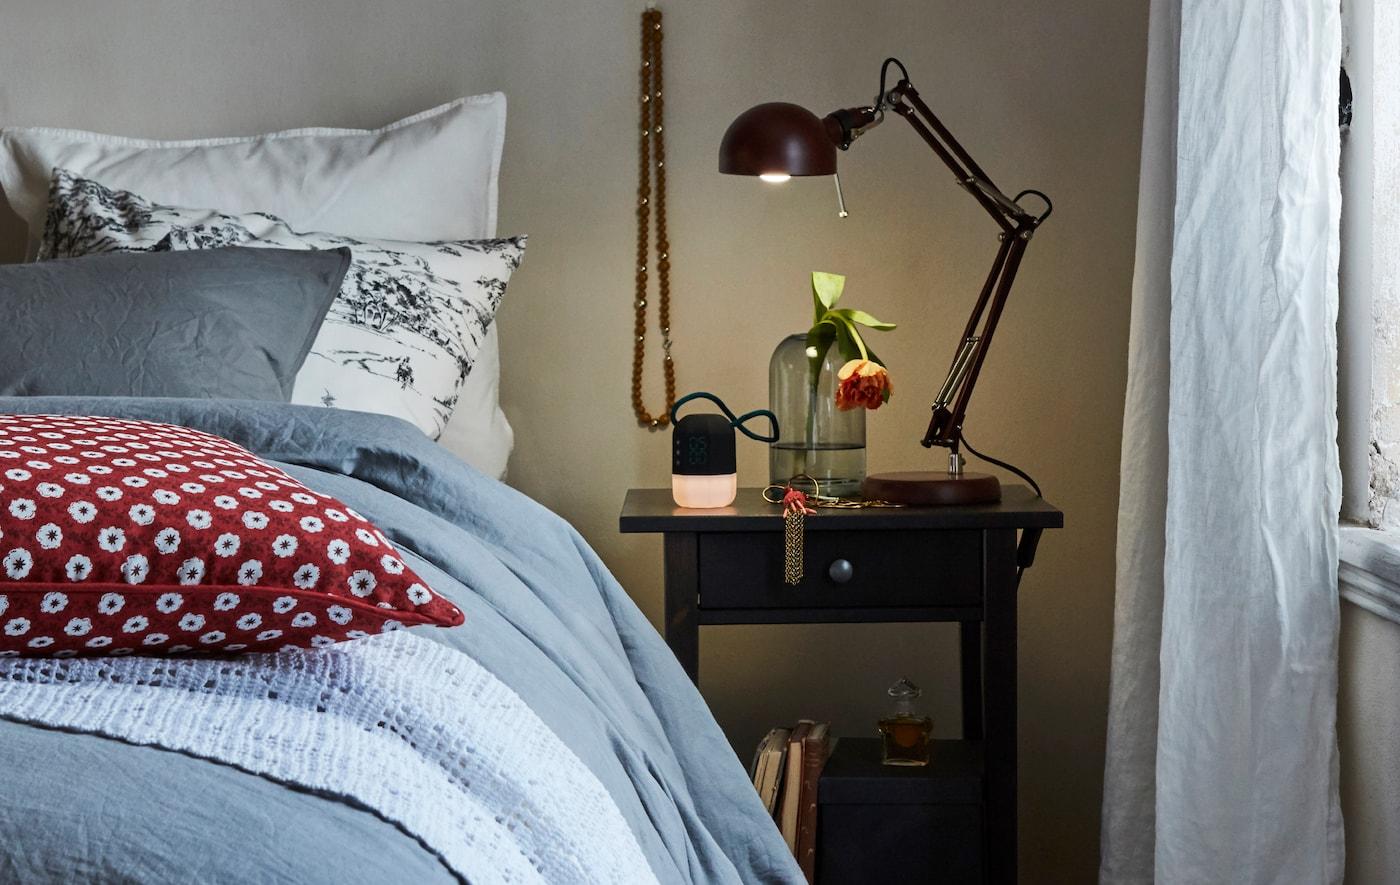 居心地のよいベッドルーム。ベッドサイドテーブルの上で、ワークランプがガラスの花瓶とアラームクロックを照らしています。